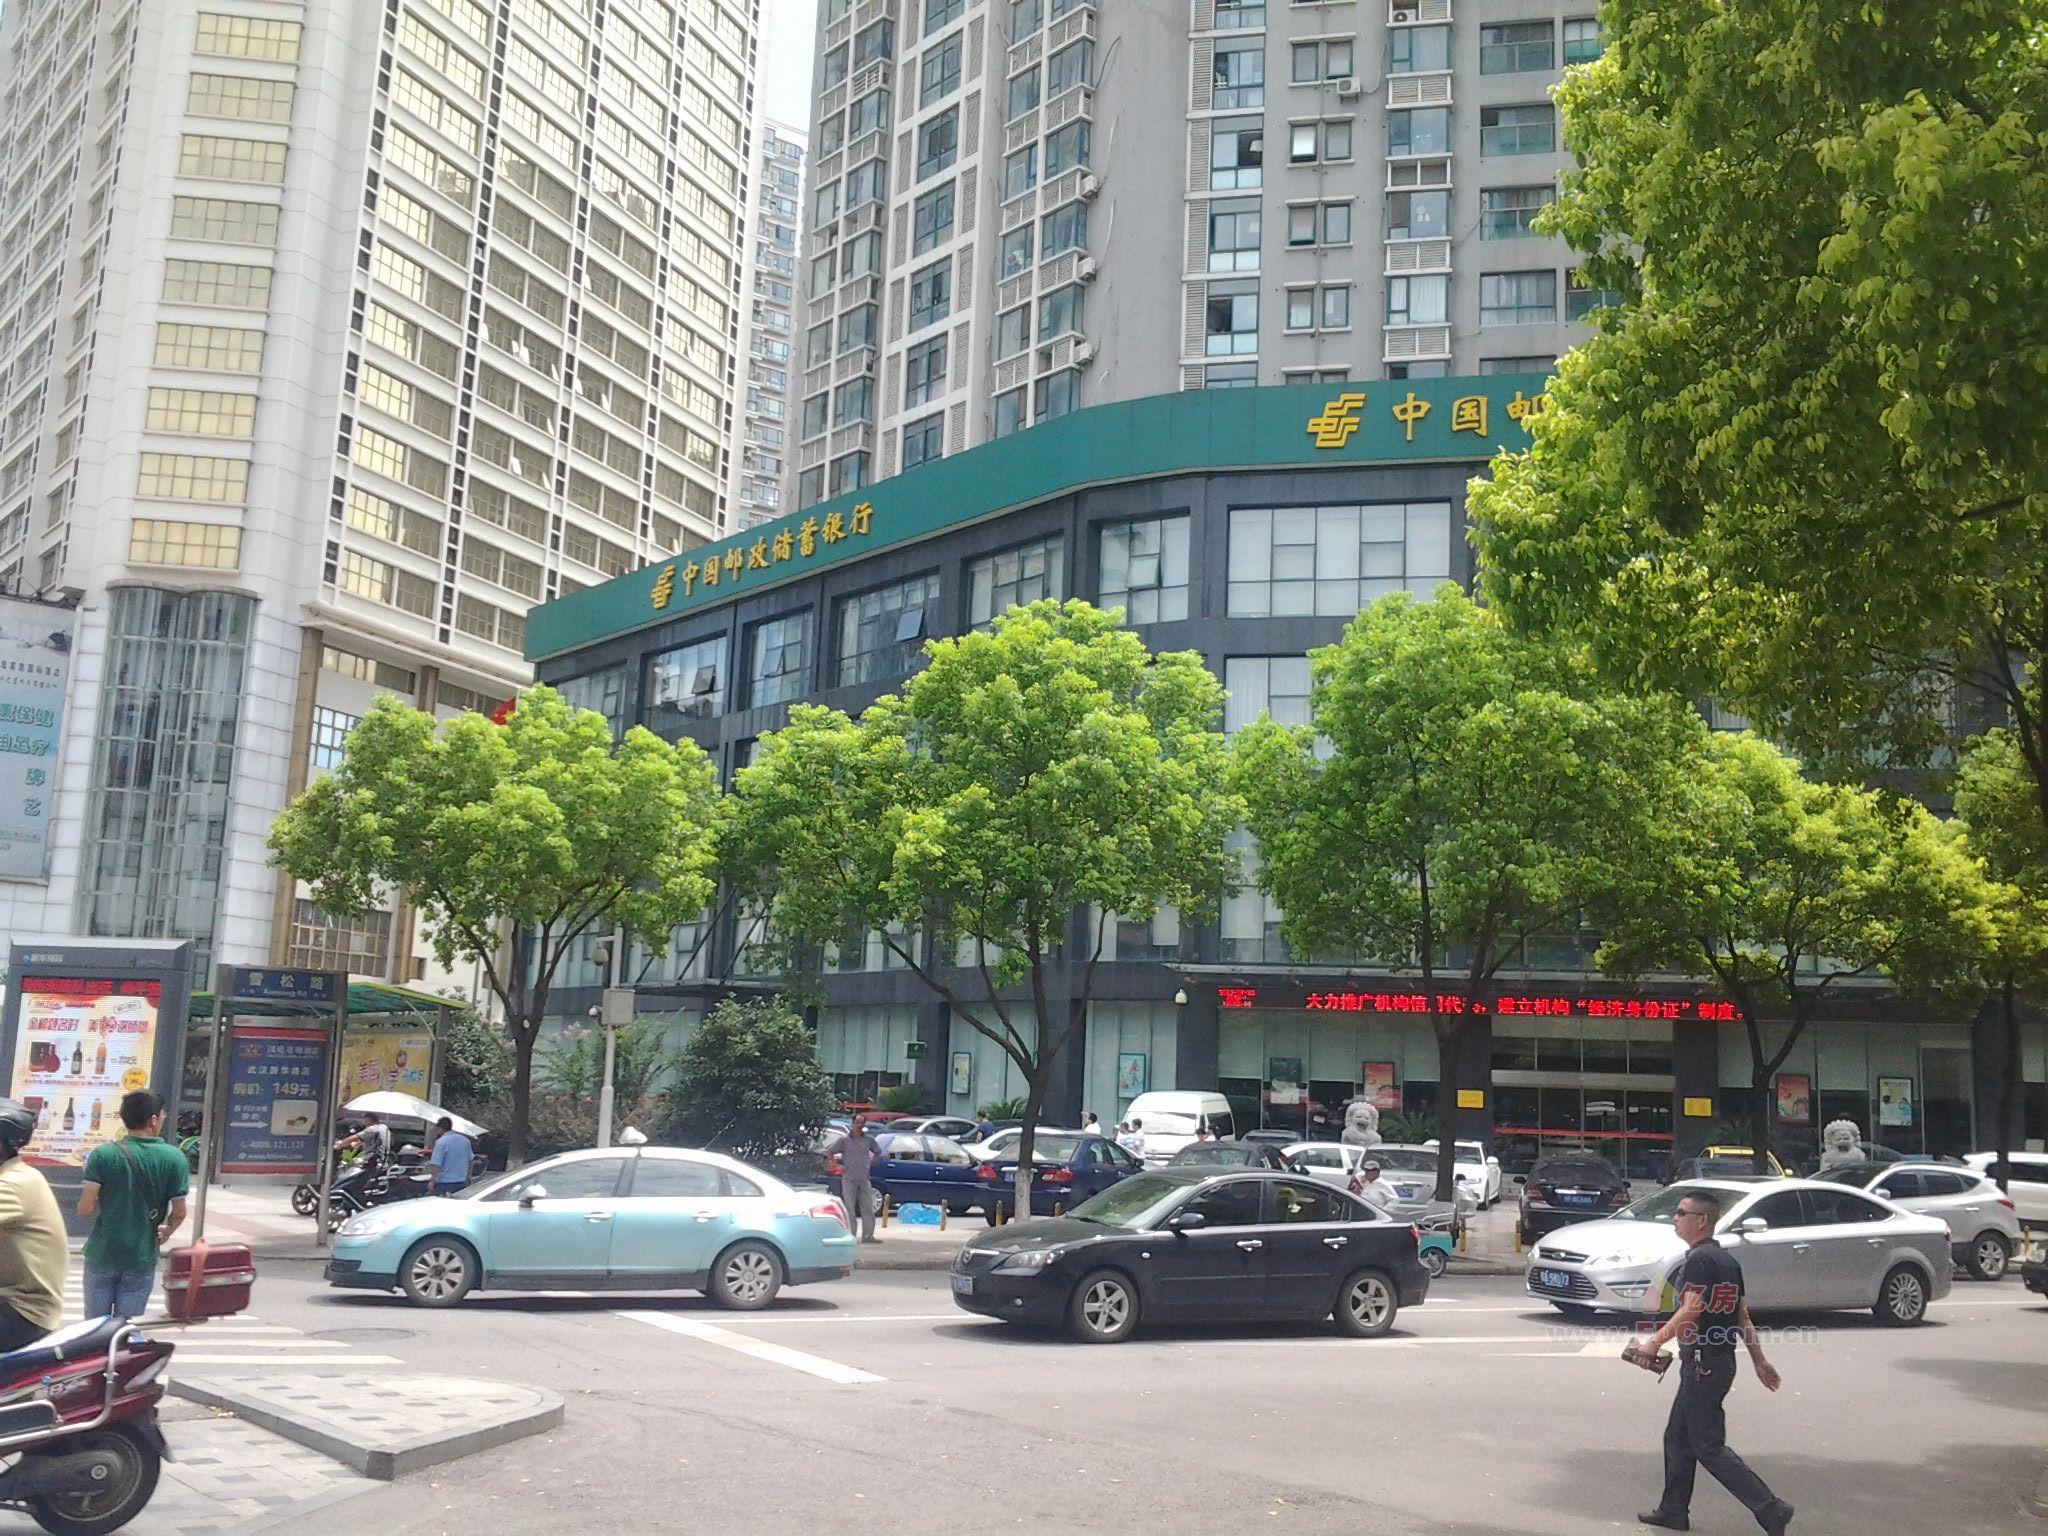 中国民生银行大厦实景图-亿房网